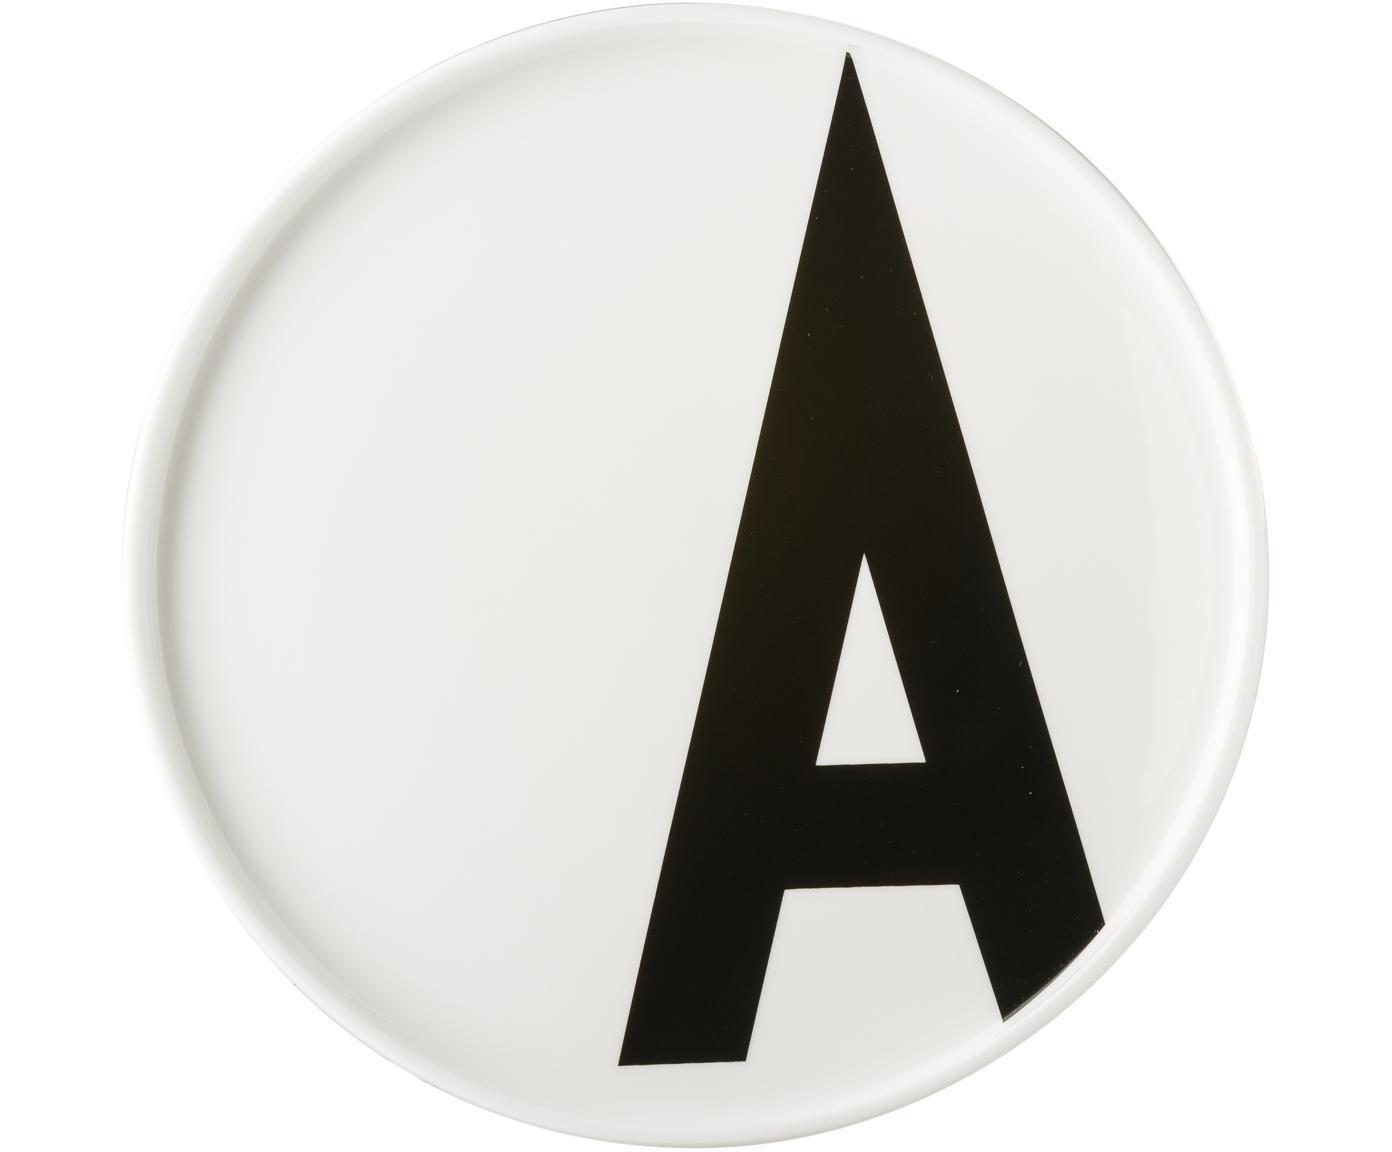 Design Frühstücksteller Personal mit Buchstaben (Varianten von A bis Z), Fine Bone China, Weiß, Schwarz, Teller A